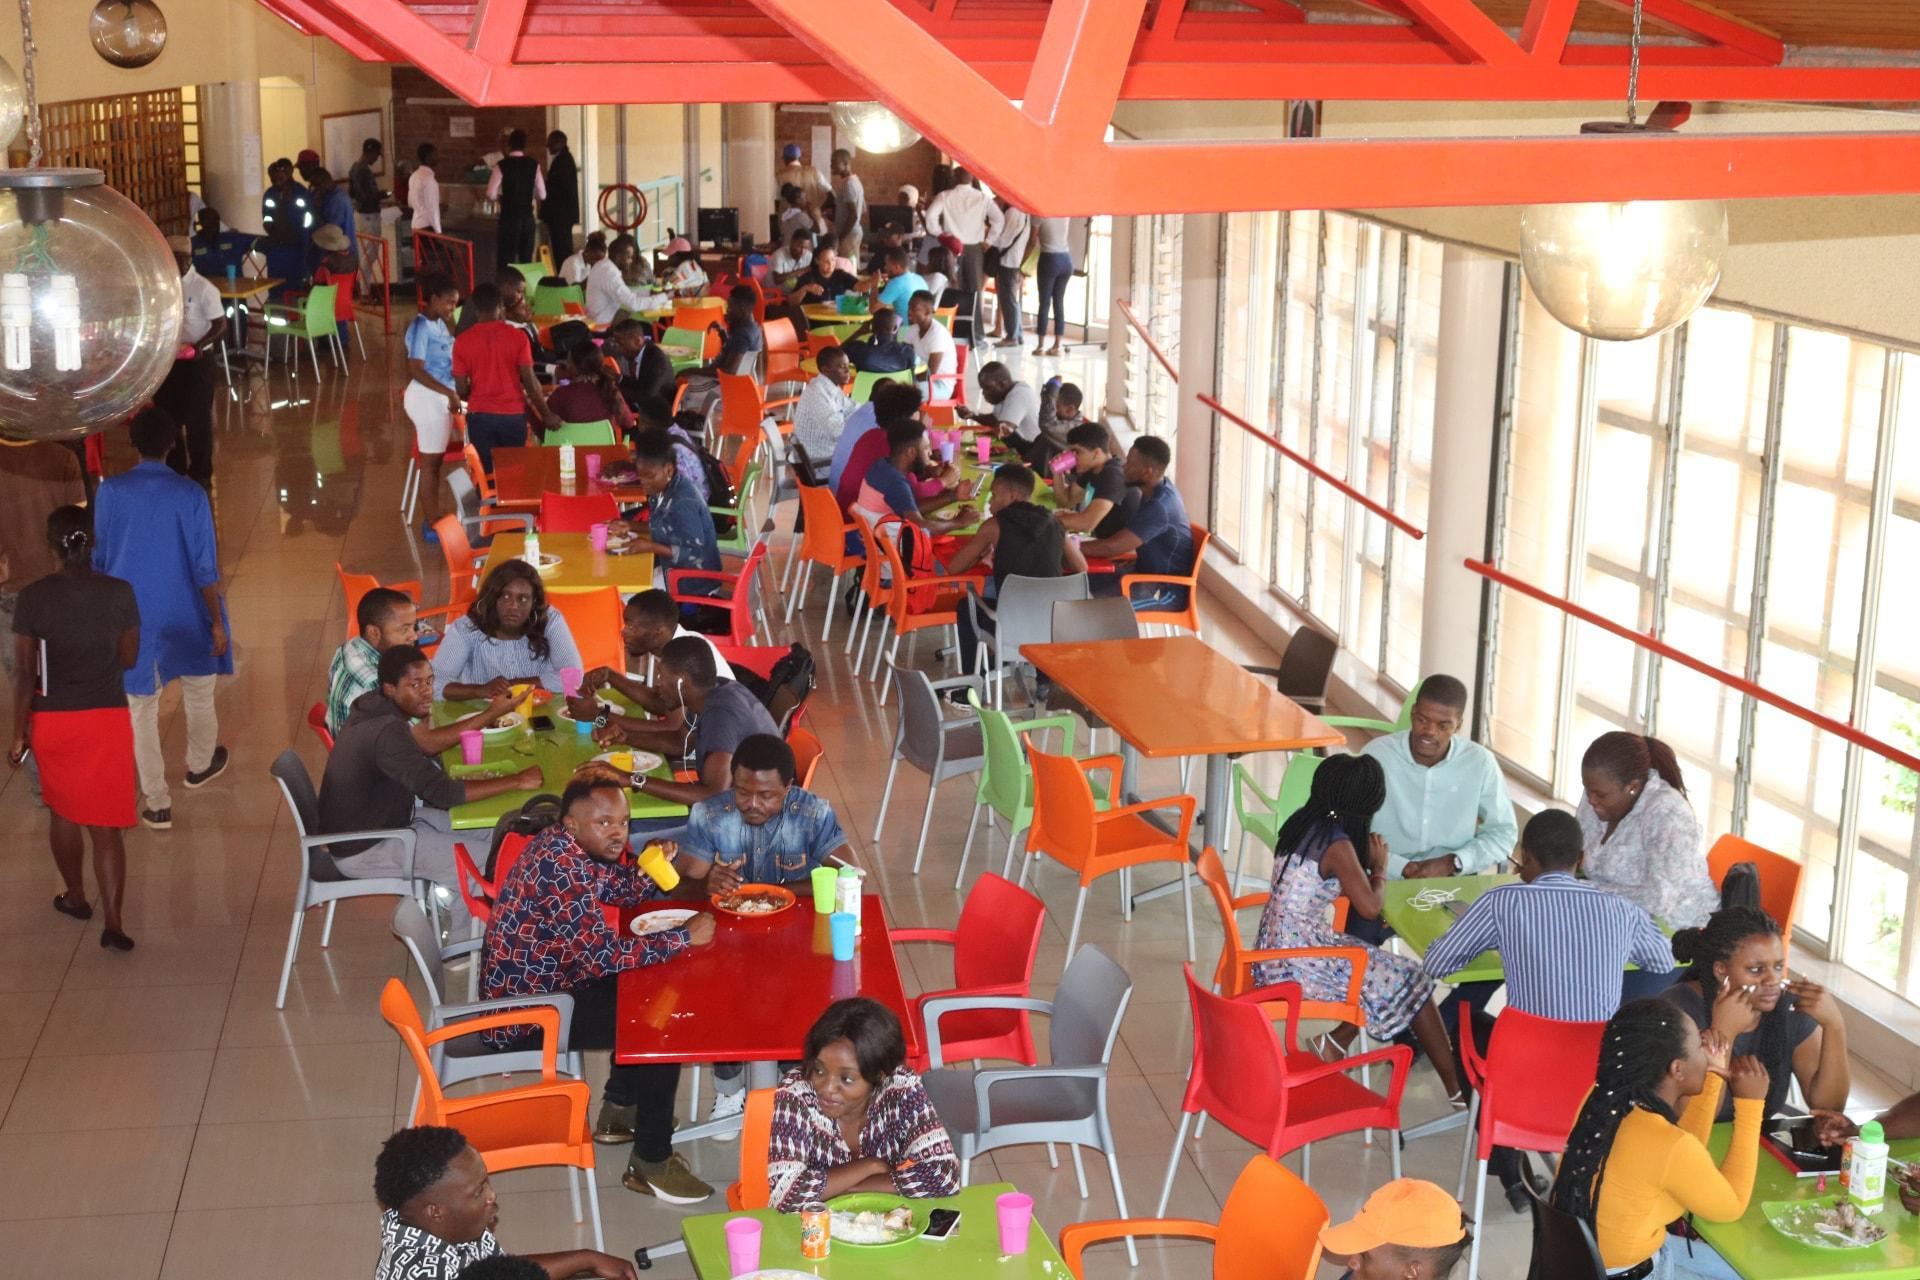 Los/as estudiantes comen en la cafetería de la Universidad de África, que sirve a unas 1.200 personas durante el almuerzo y la cena. Para manejarse en tiempos económicos difíciles, el departamento de servicios de alimentos ha estado suministrando alimentos y administrando porciones. Foto por Eveline Chikwanah, Noticias MU.